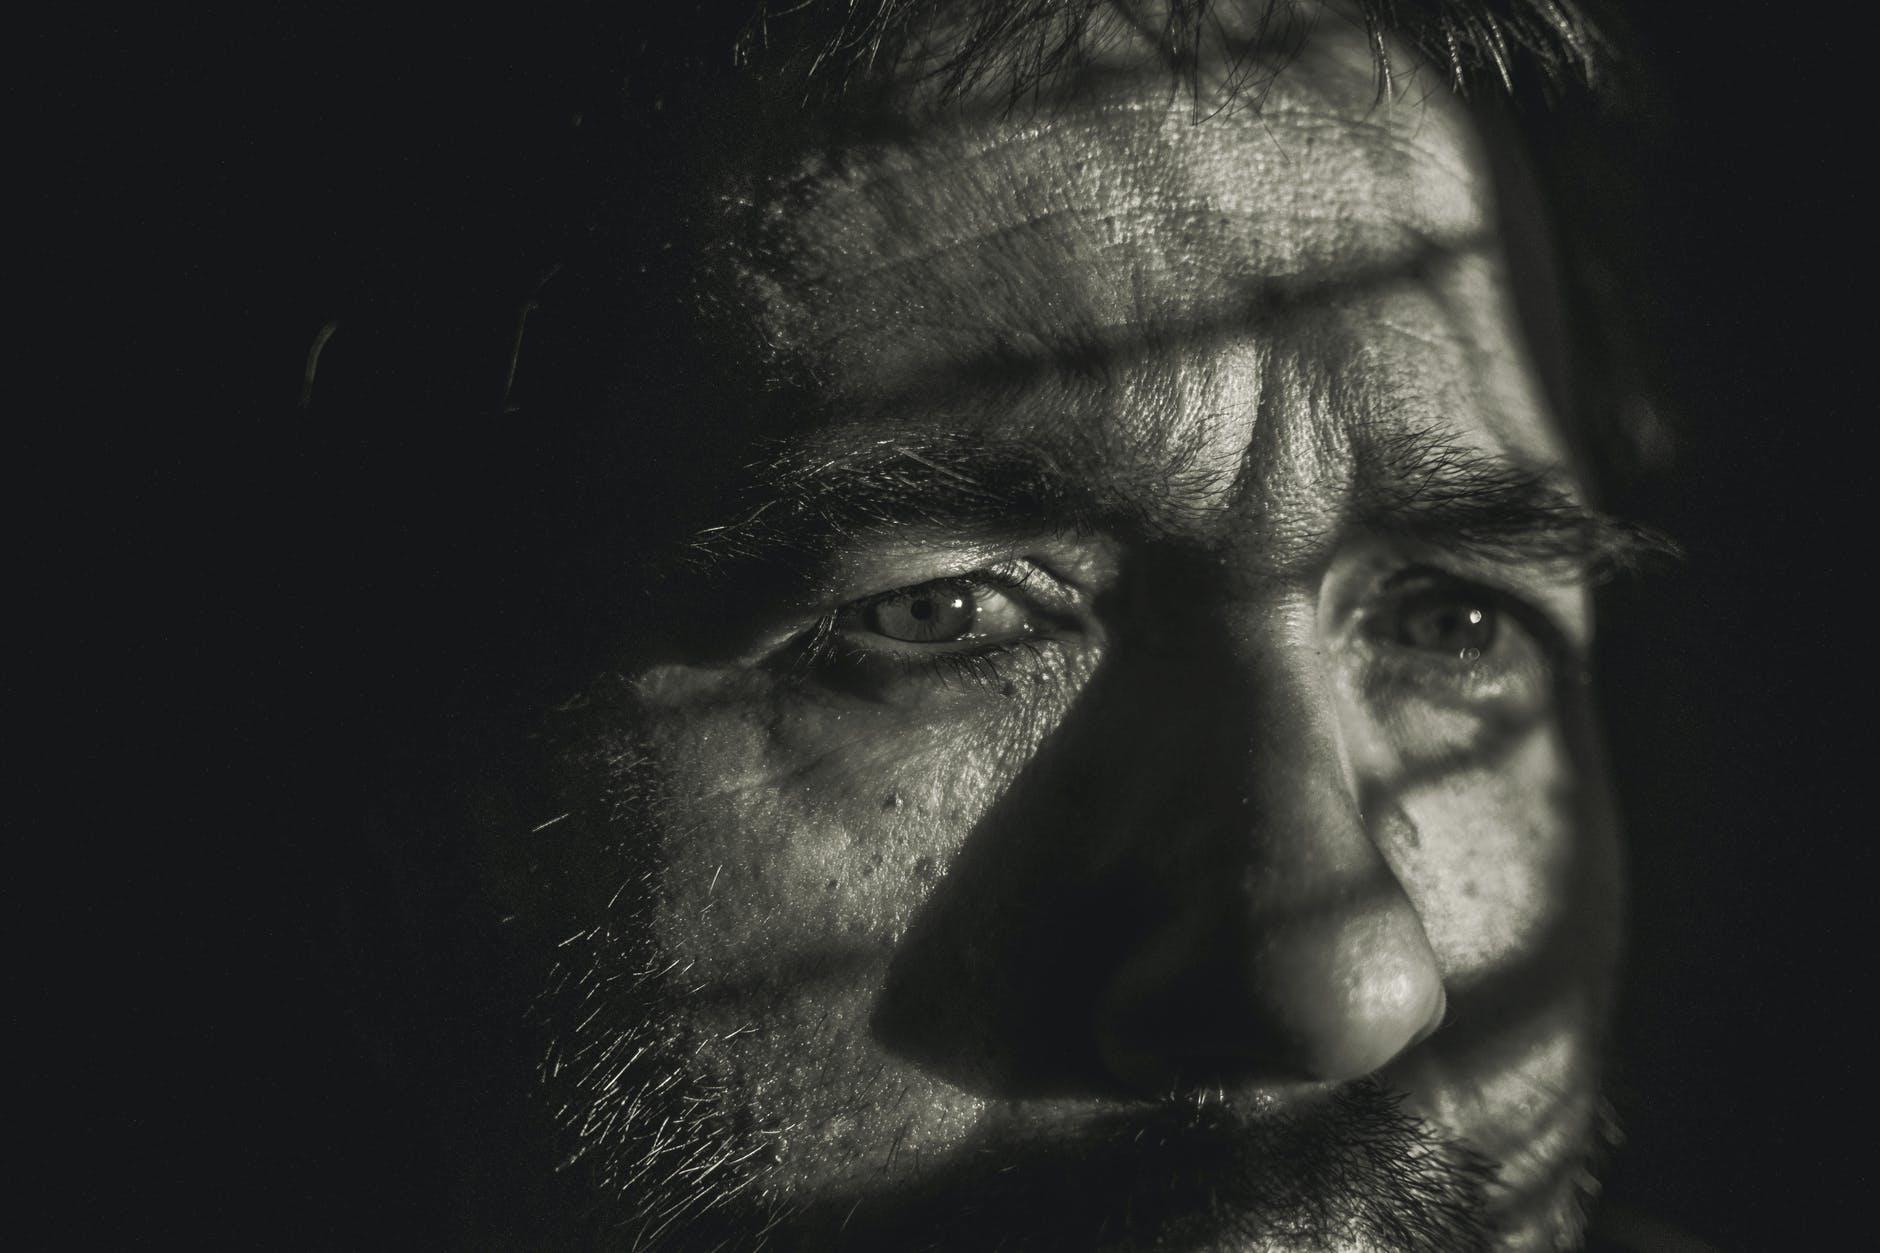 mužova tvár, obavy